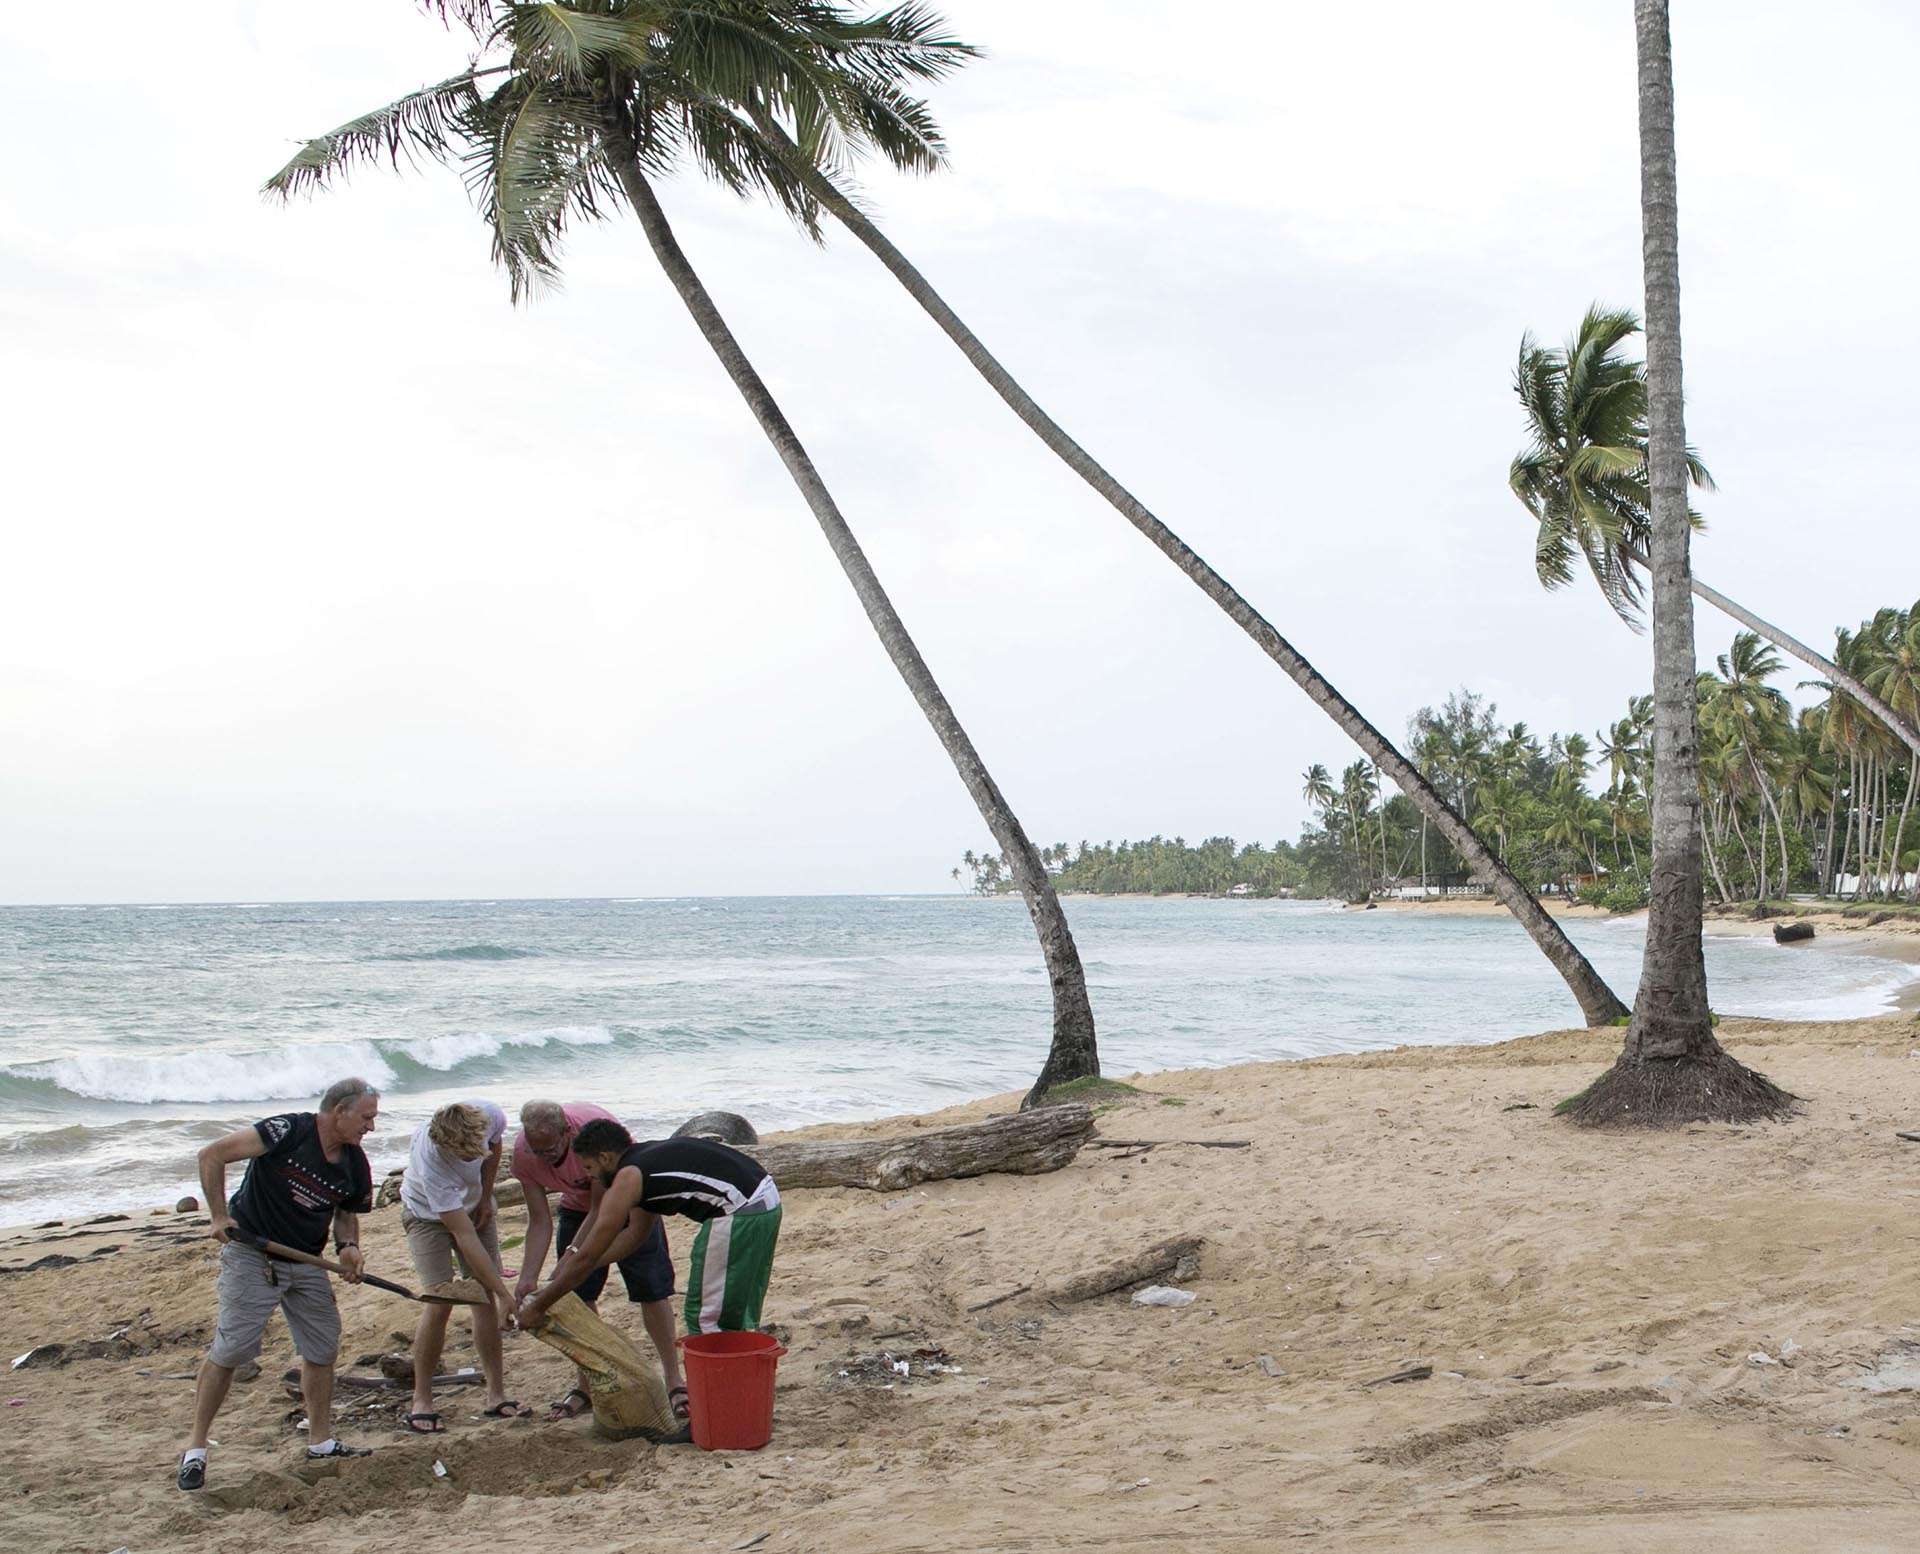 Un grupo de personas juntan arena para proteger sus casas del huracán en República Dominicana (AP Photo)